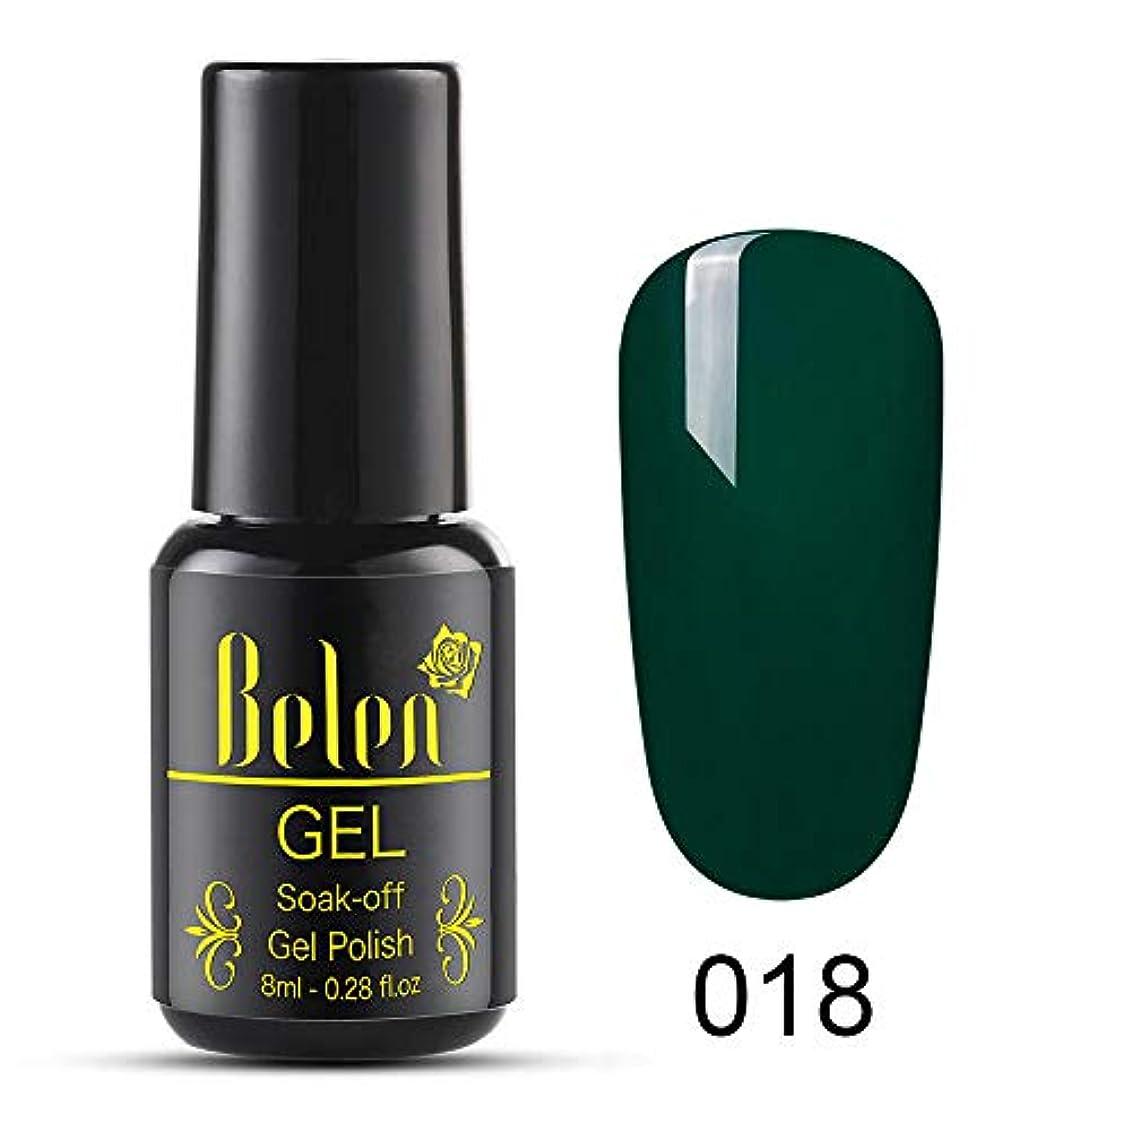 シェア運賃粒Belen ジェルネイル カラージェル 超長い蓋 塗りが便利 1色入り 8ml【全42色選択可】